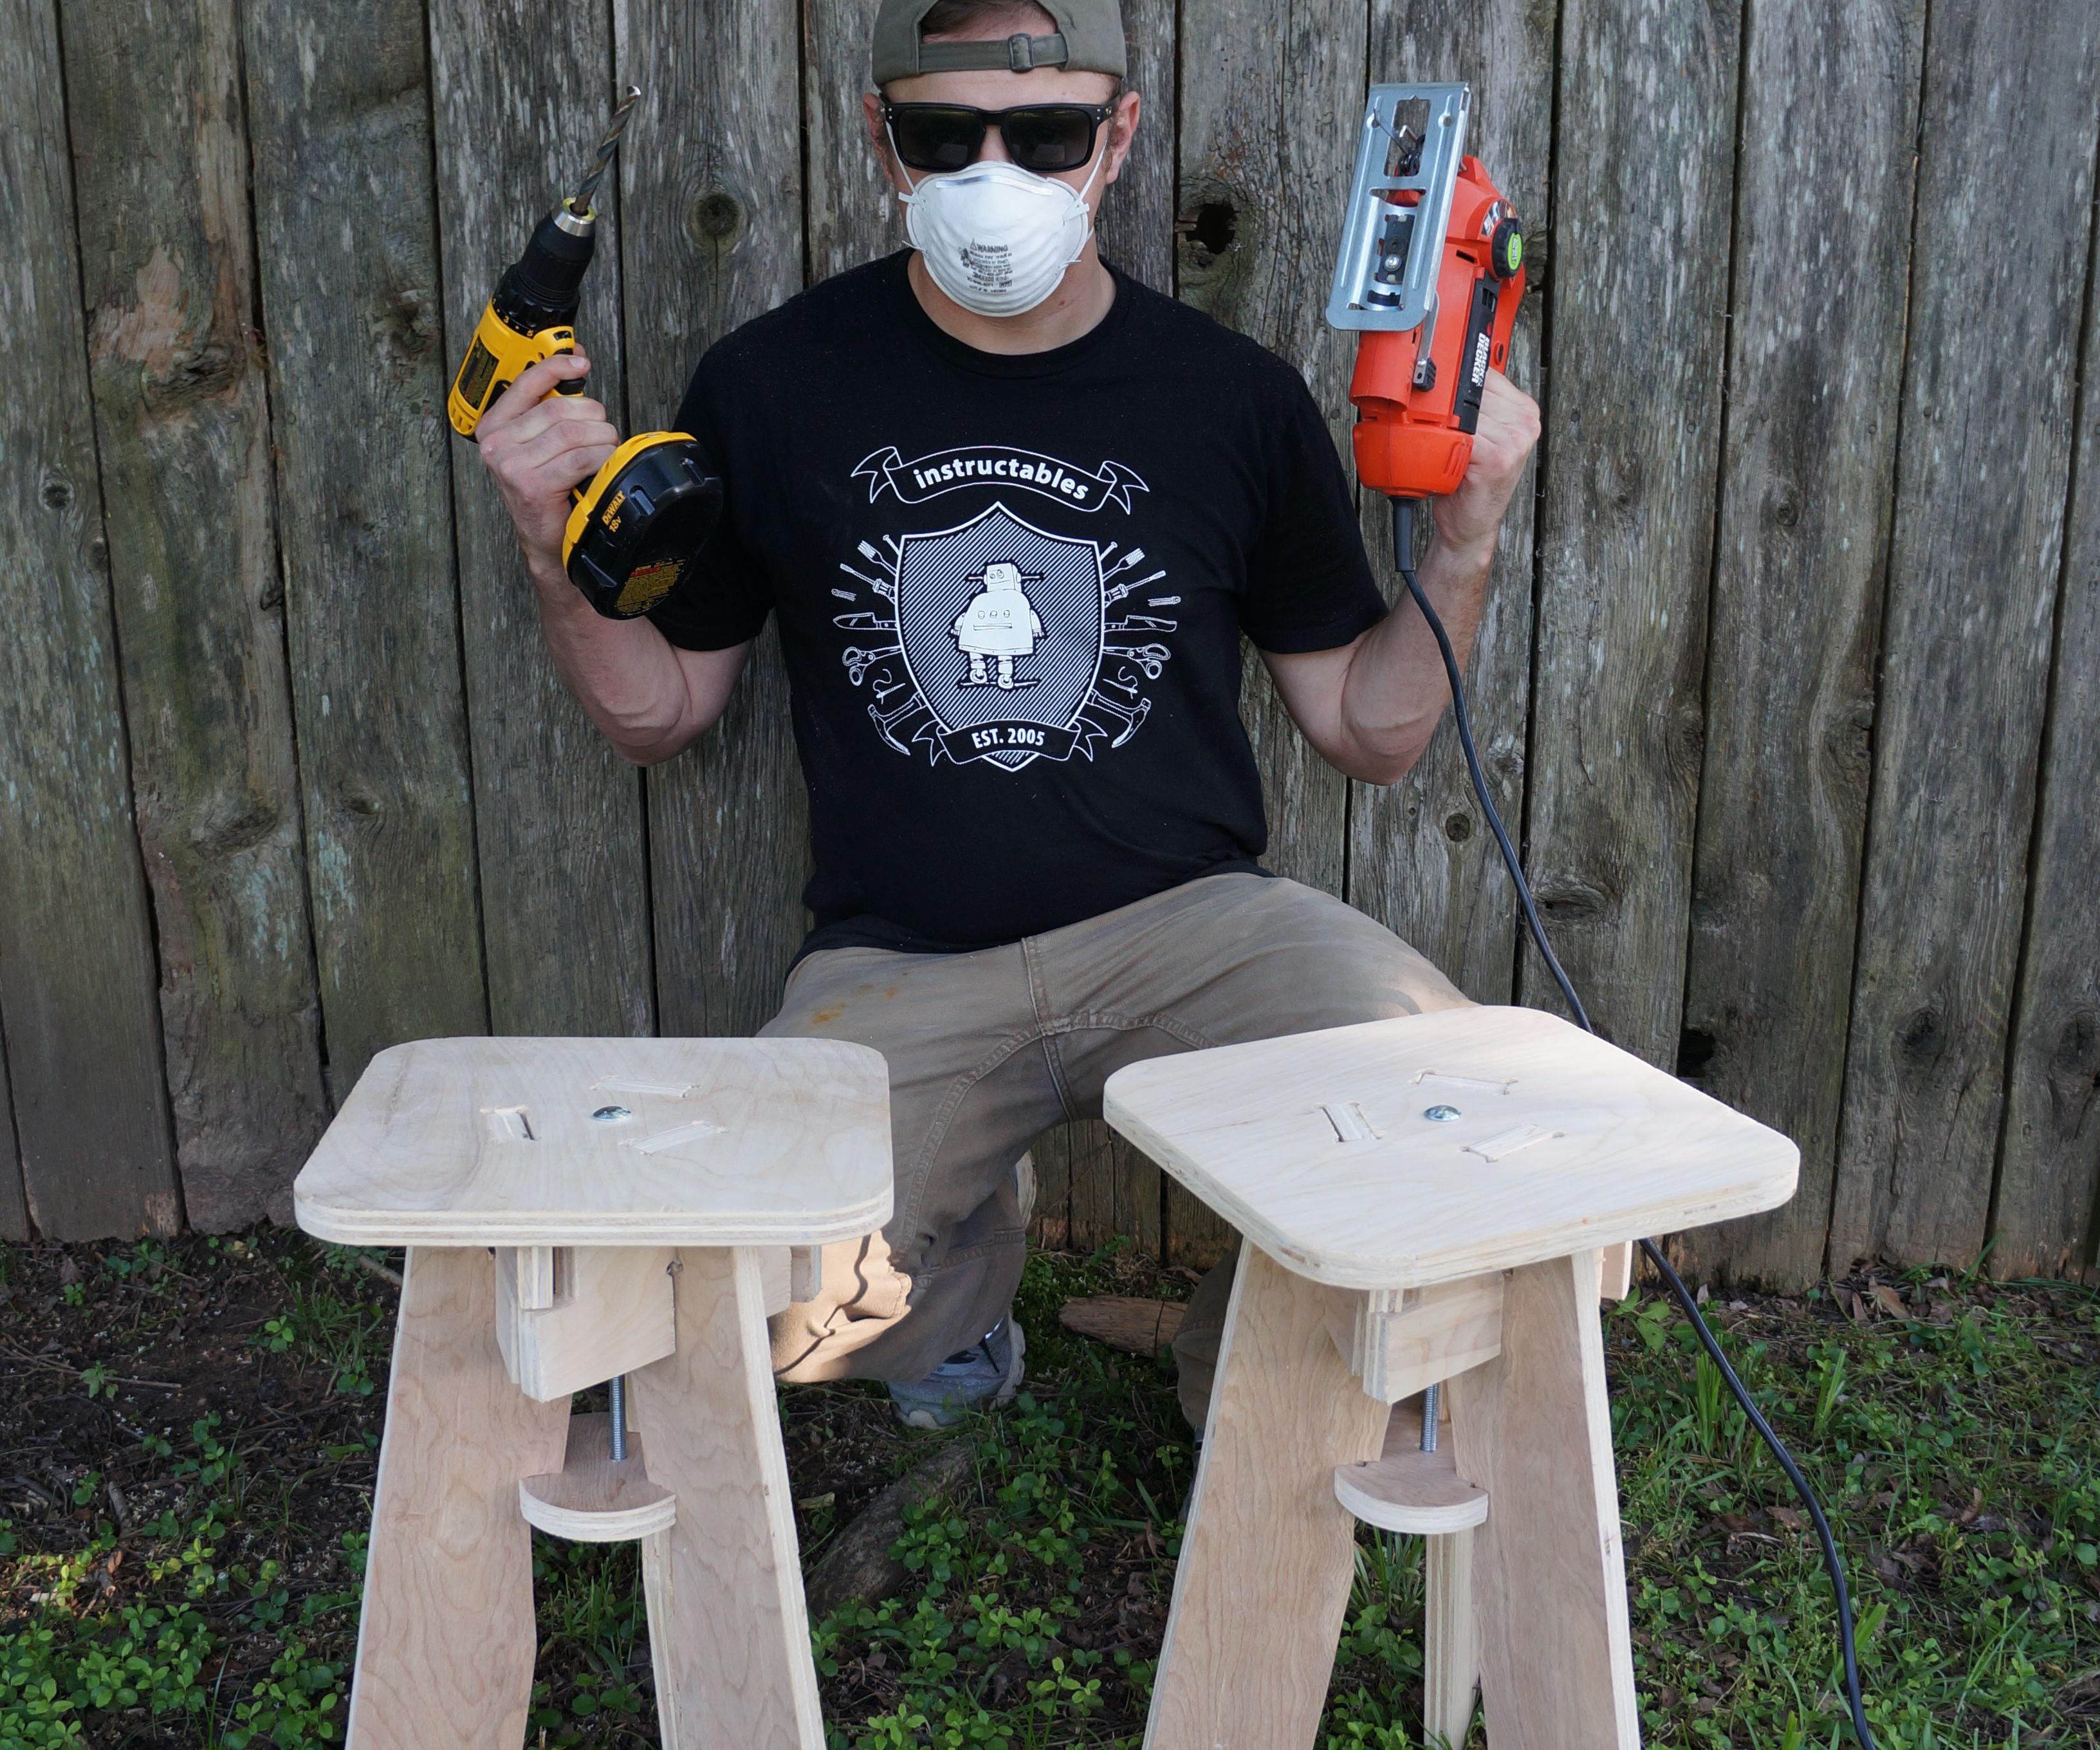 Pair O' Stools With a Pair O' Tools